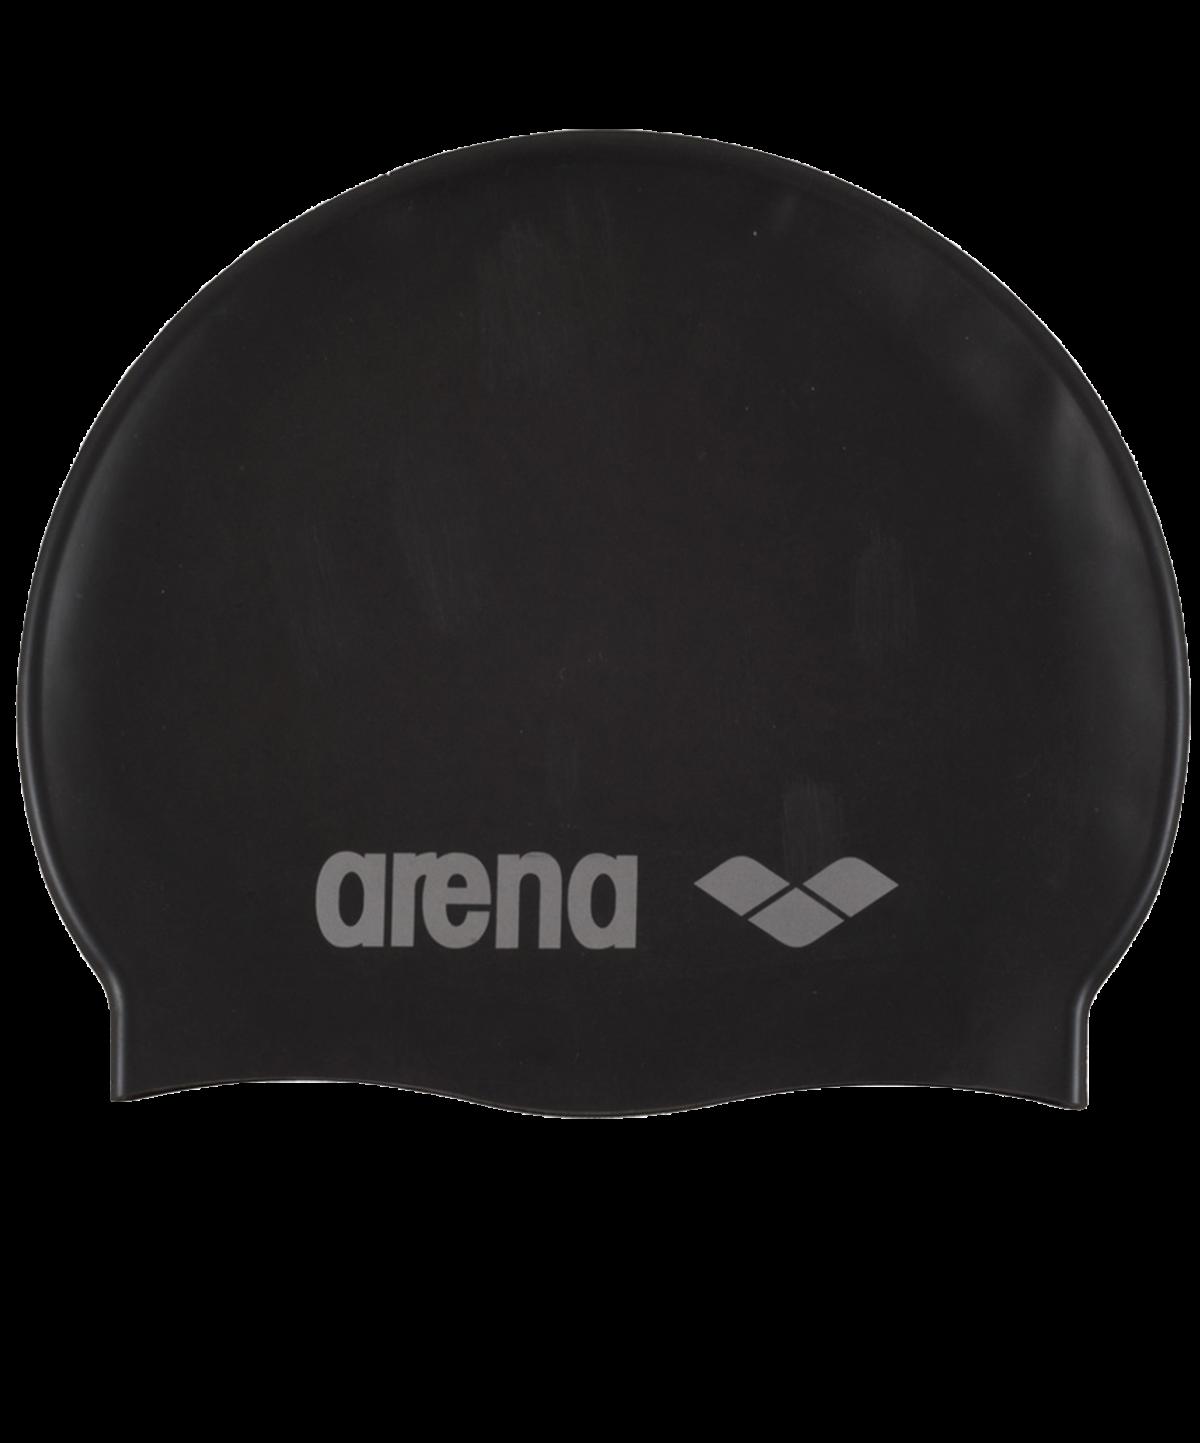 ARENA Шапочка для плавания Classic Silicone JR Black/Silver  91670 55 - 1